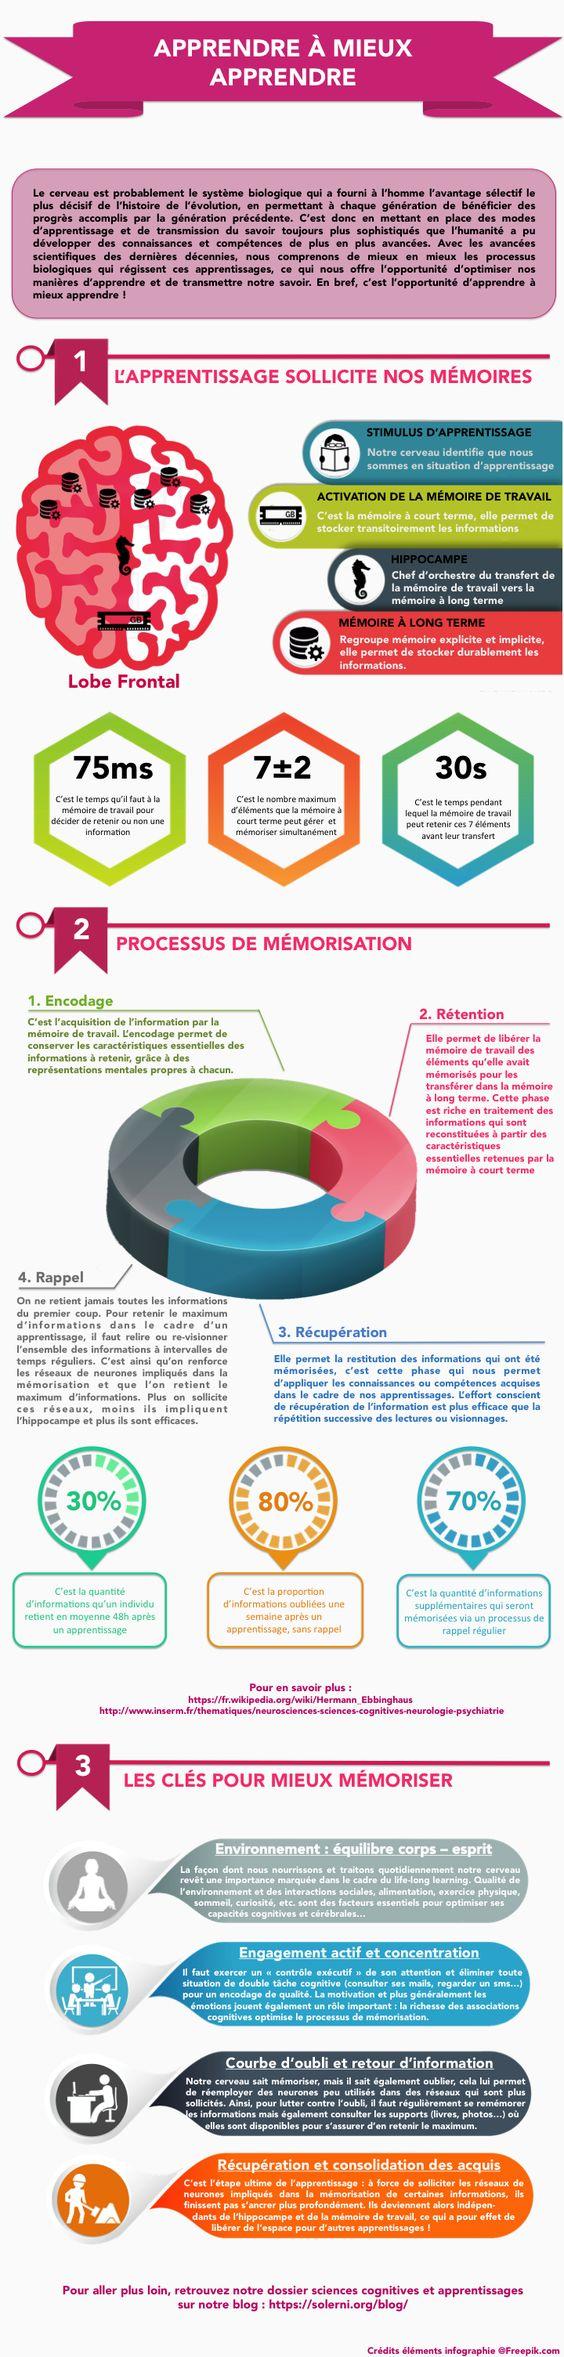 Les mécanismes de la mémoire et de l'apprentissage et comment les optimiser